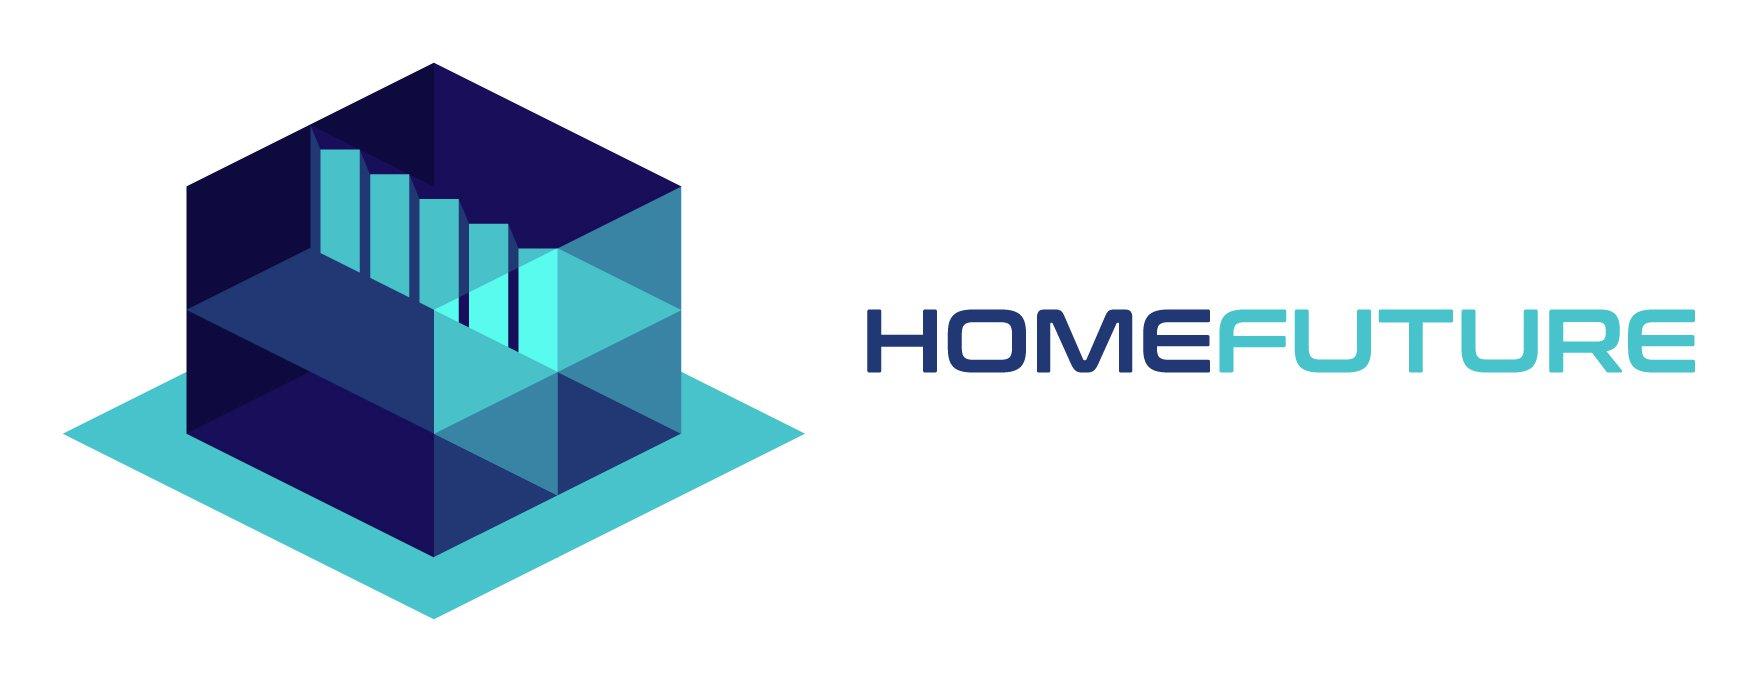 Homefuture